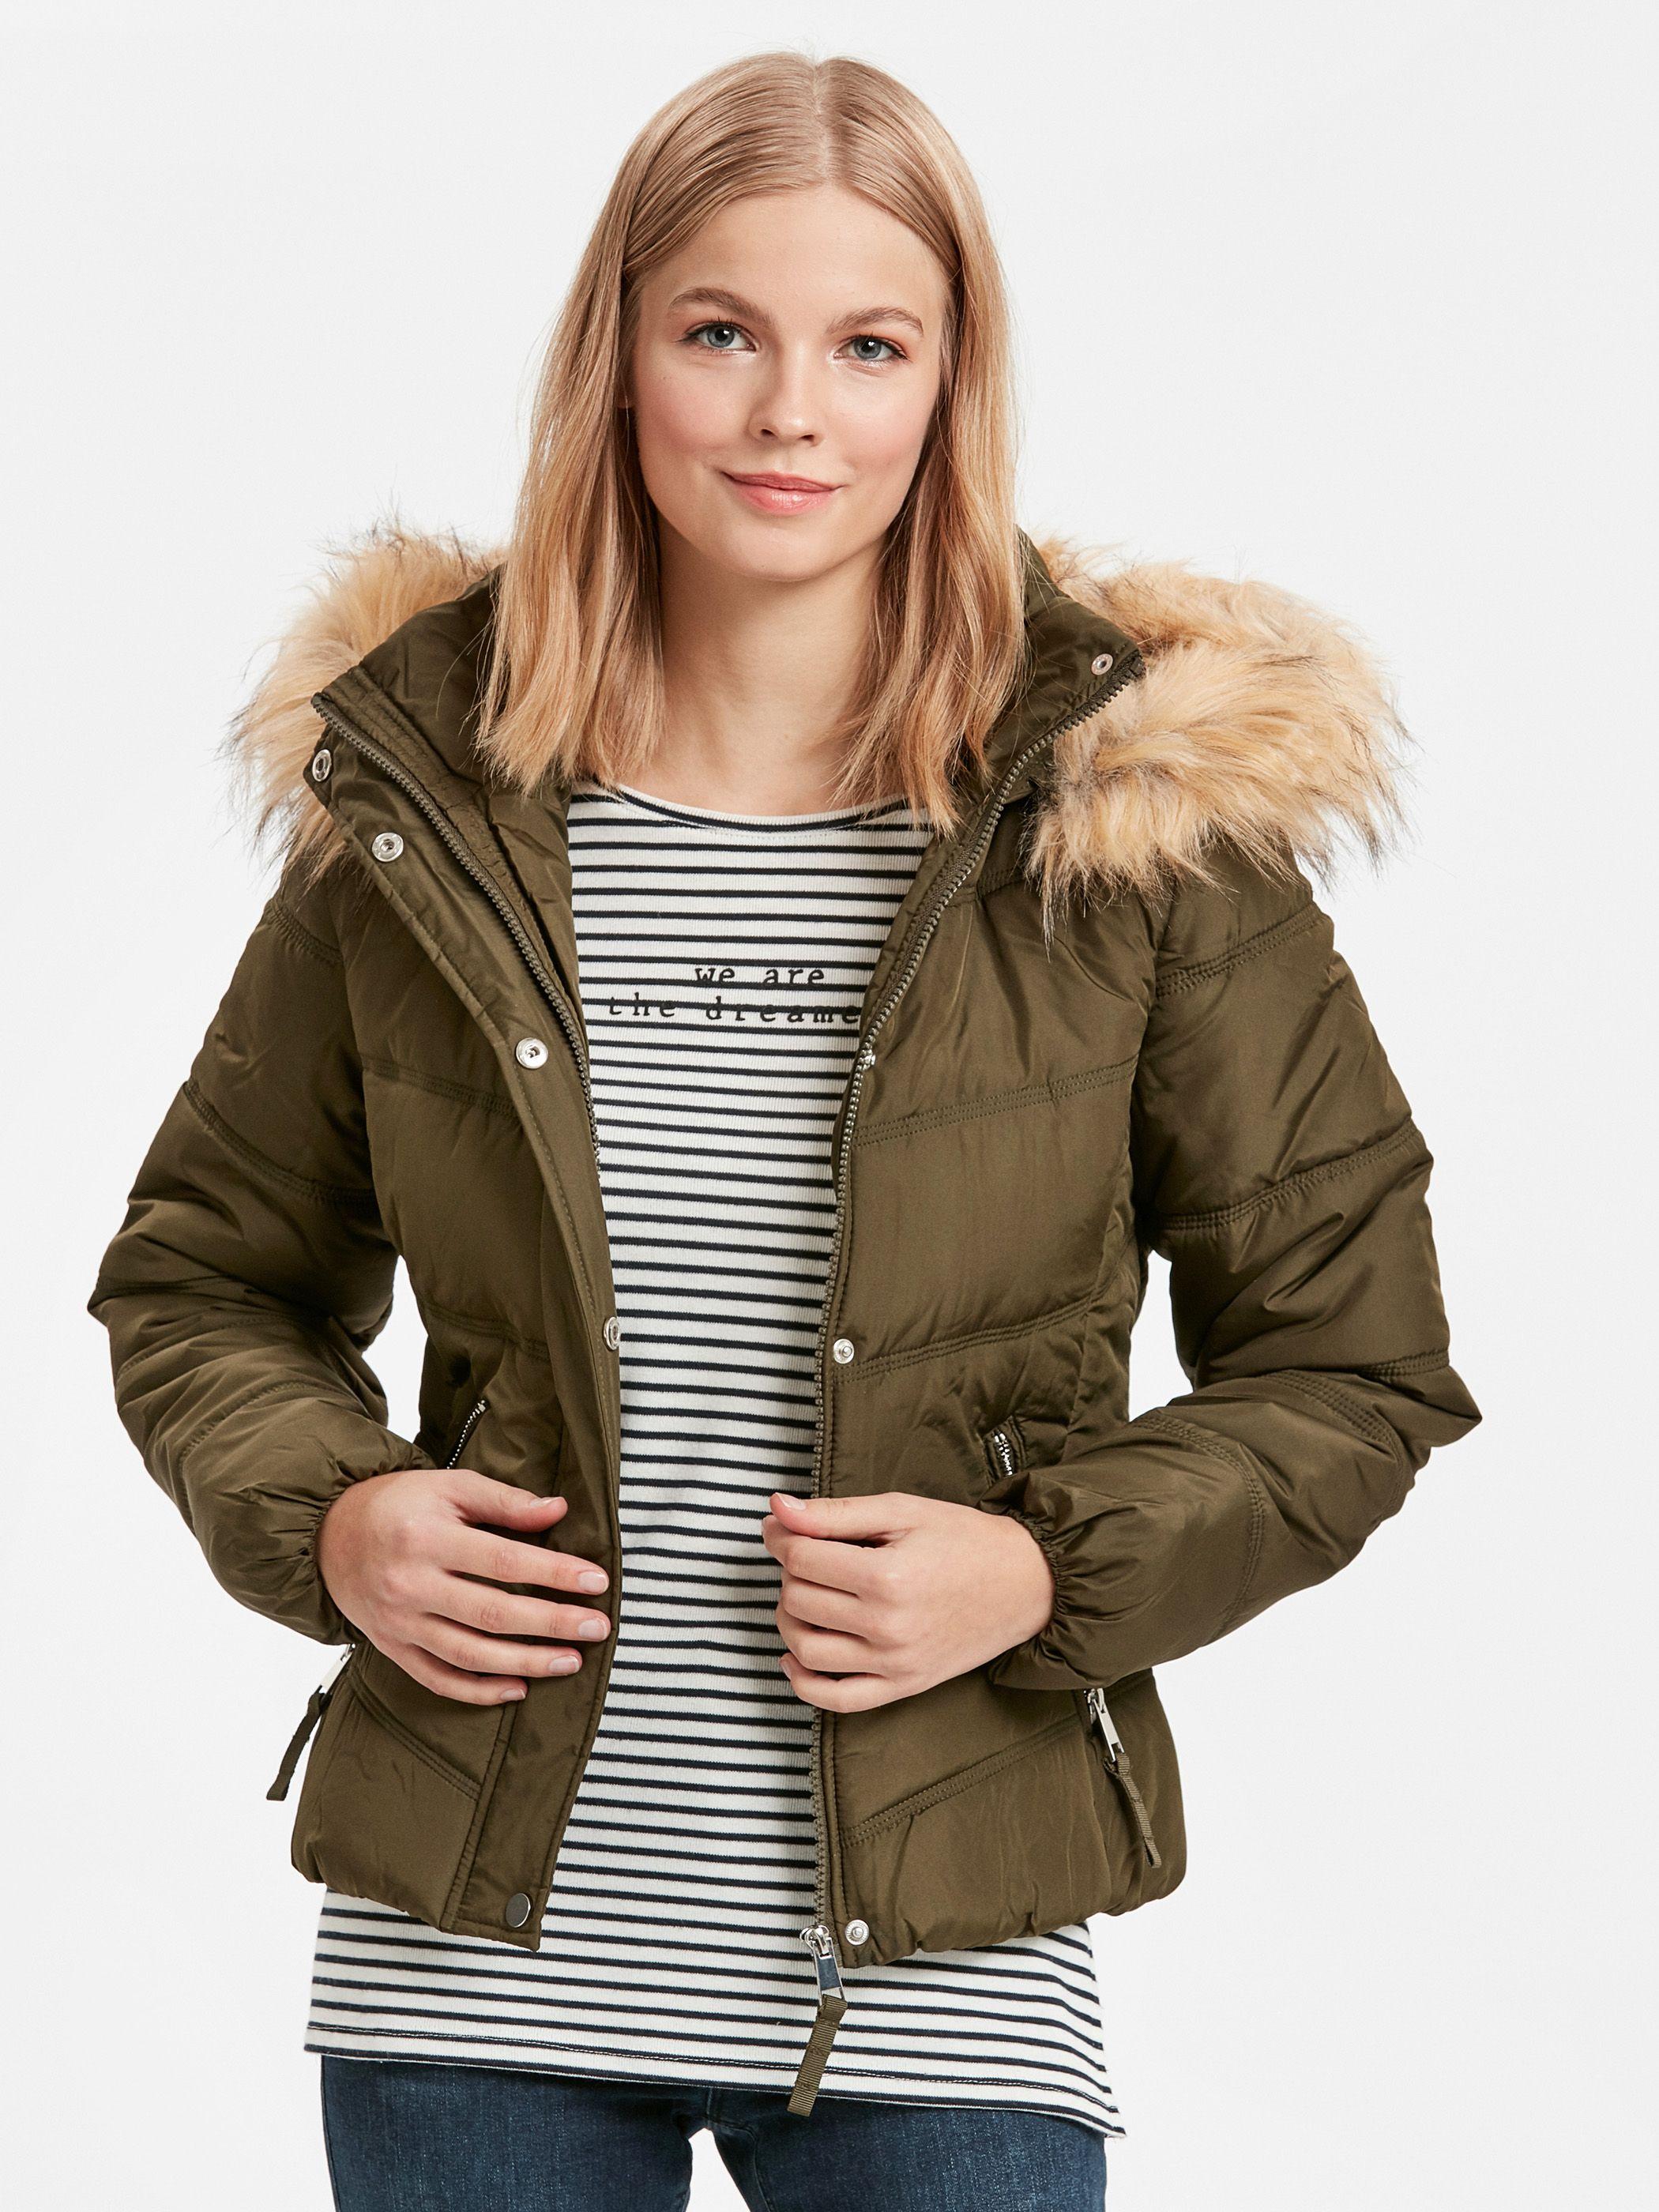 کاپشن کوتاه دخترانه| فروشگاه اینترنتی لباس | Winter jackets, Jackets,  Fashion